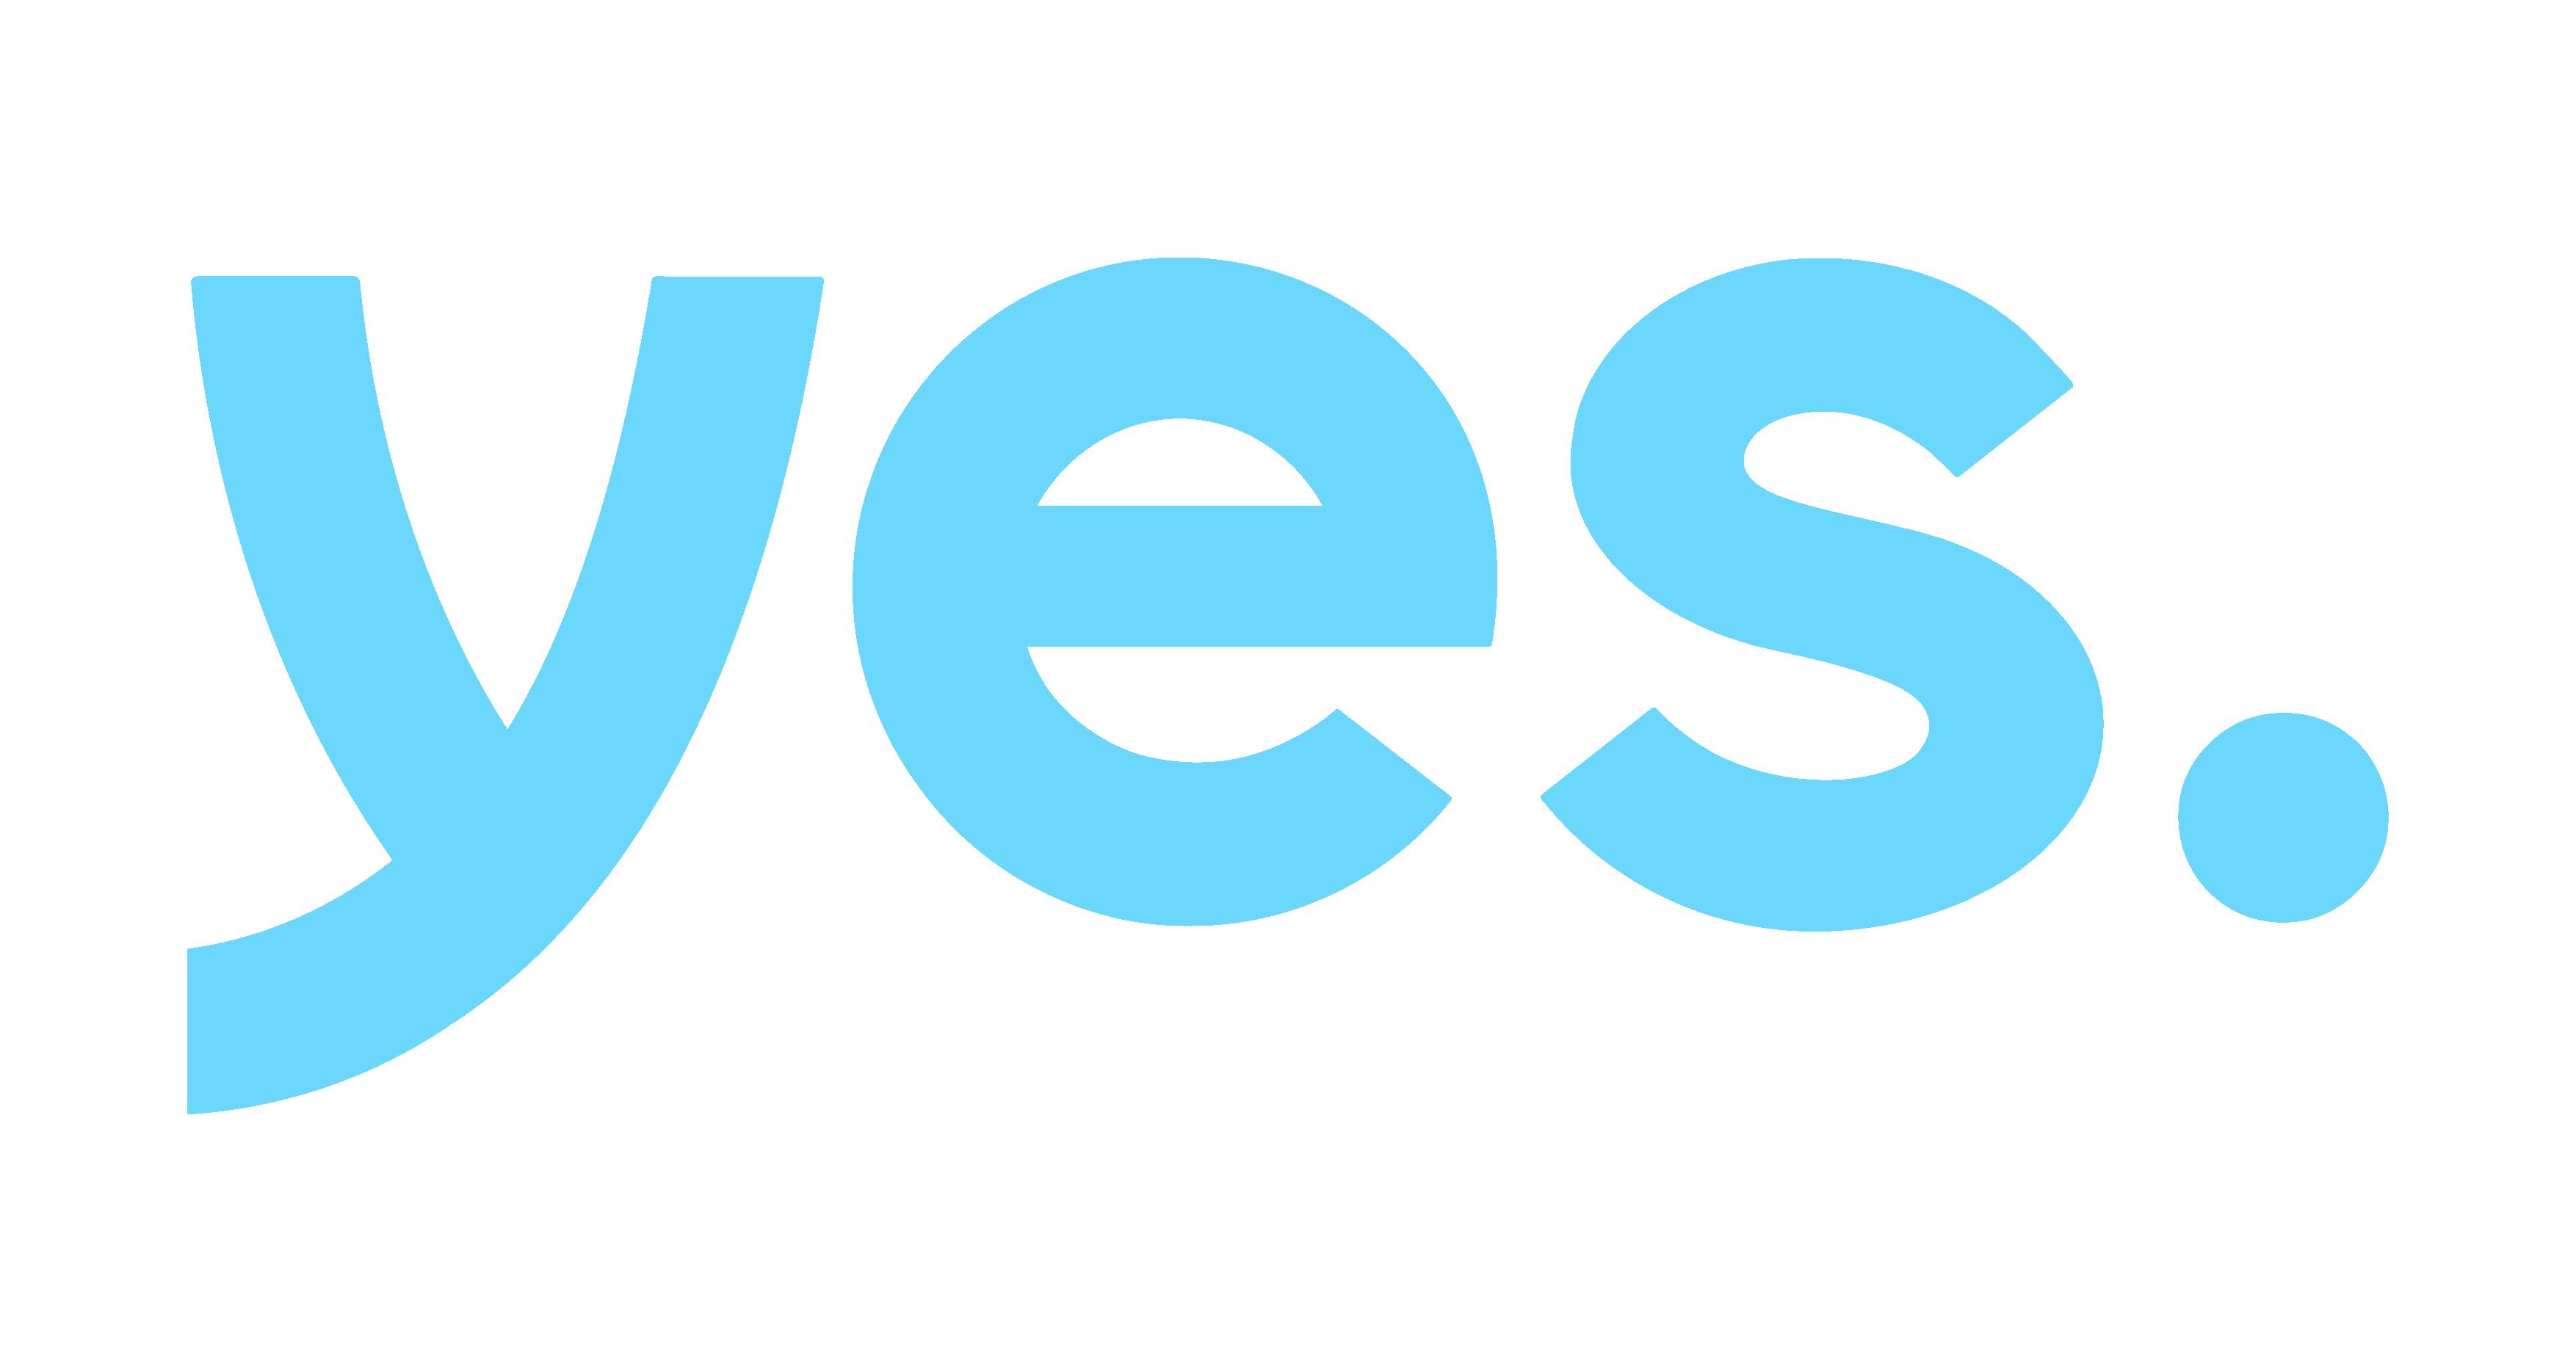 טלויזיה yes